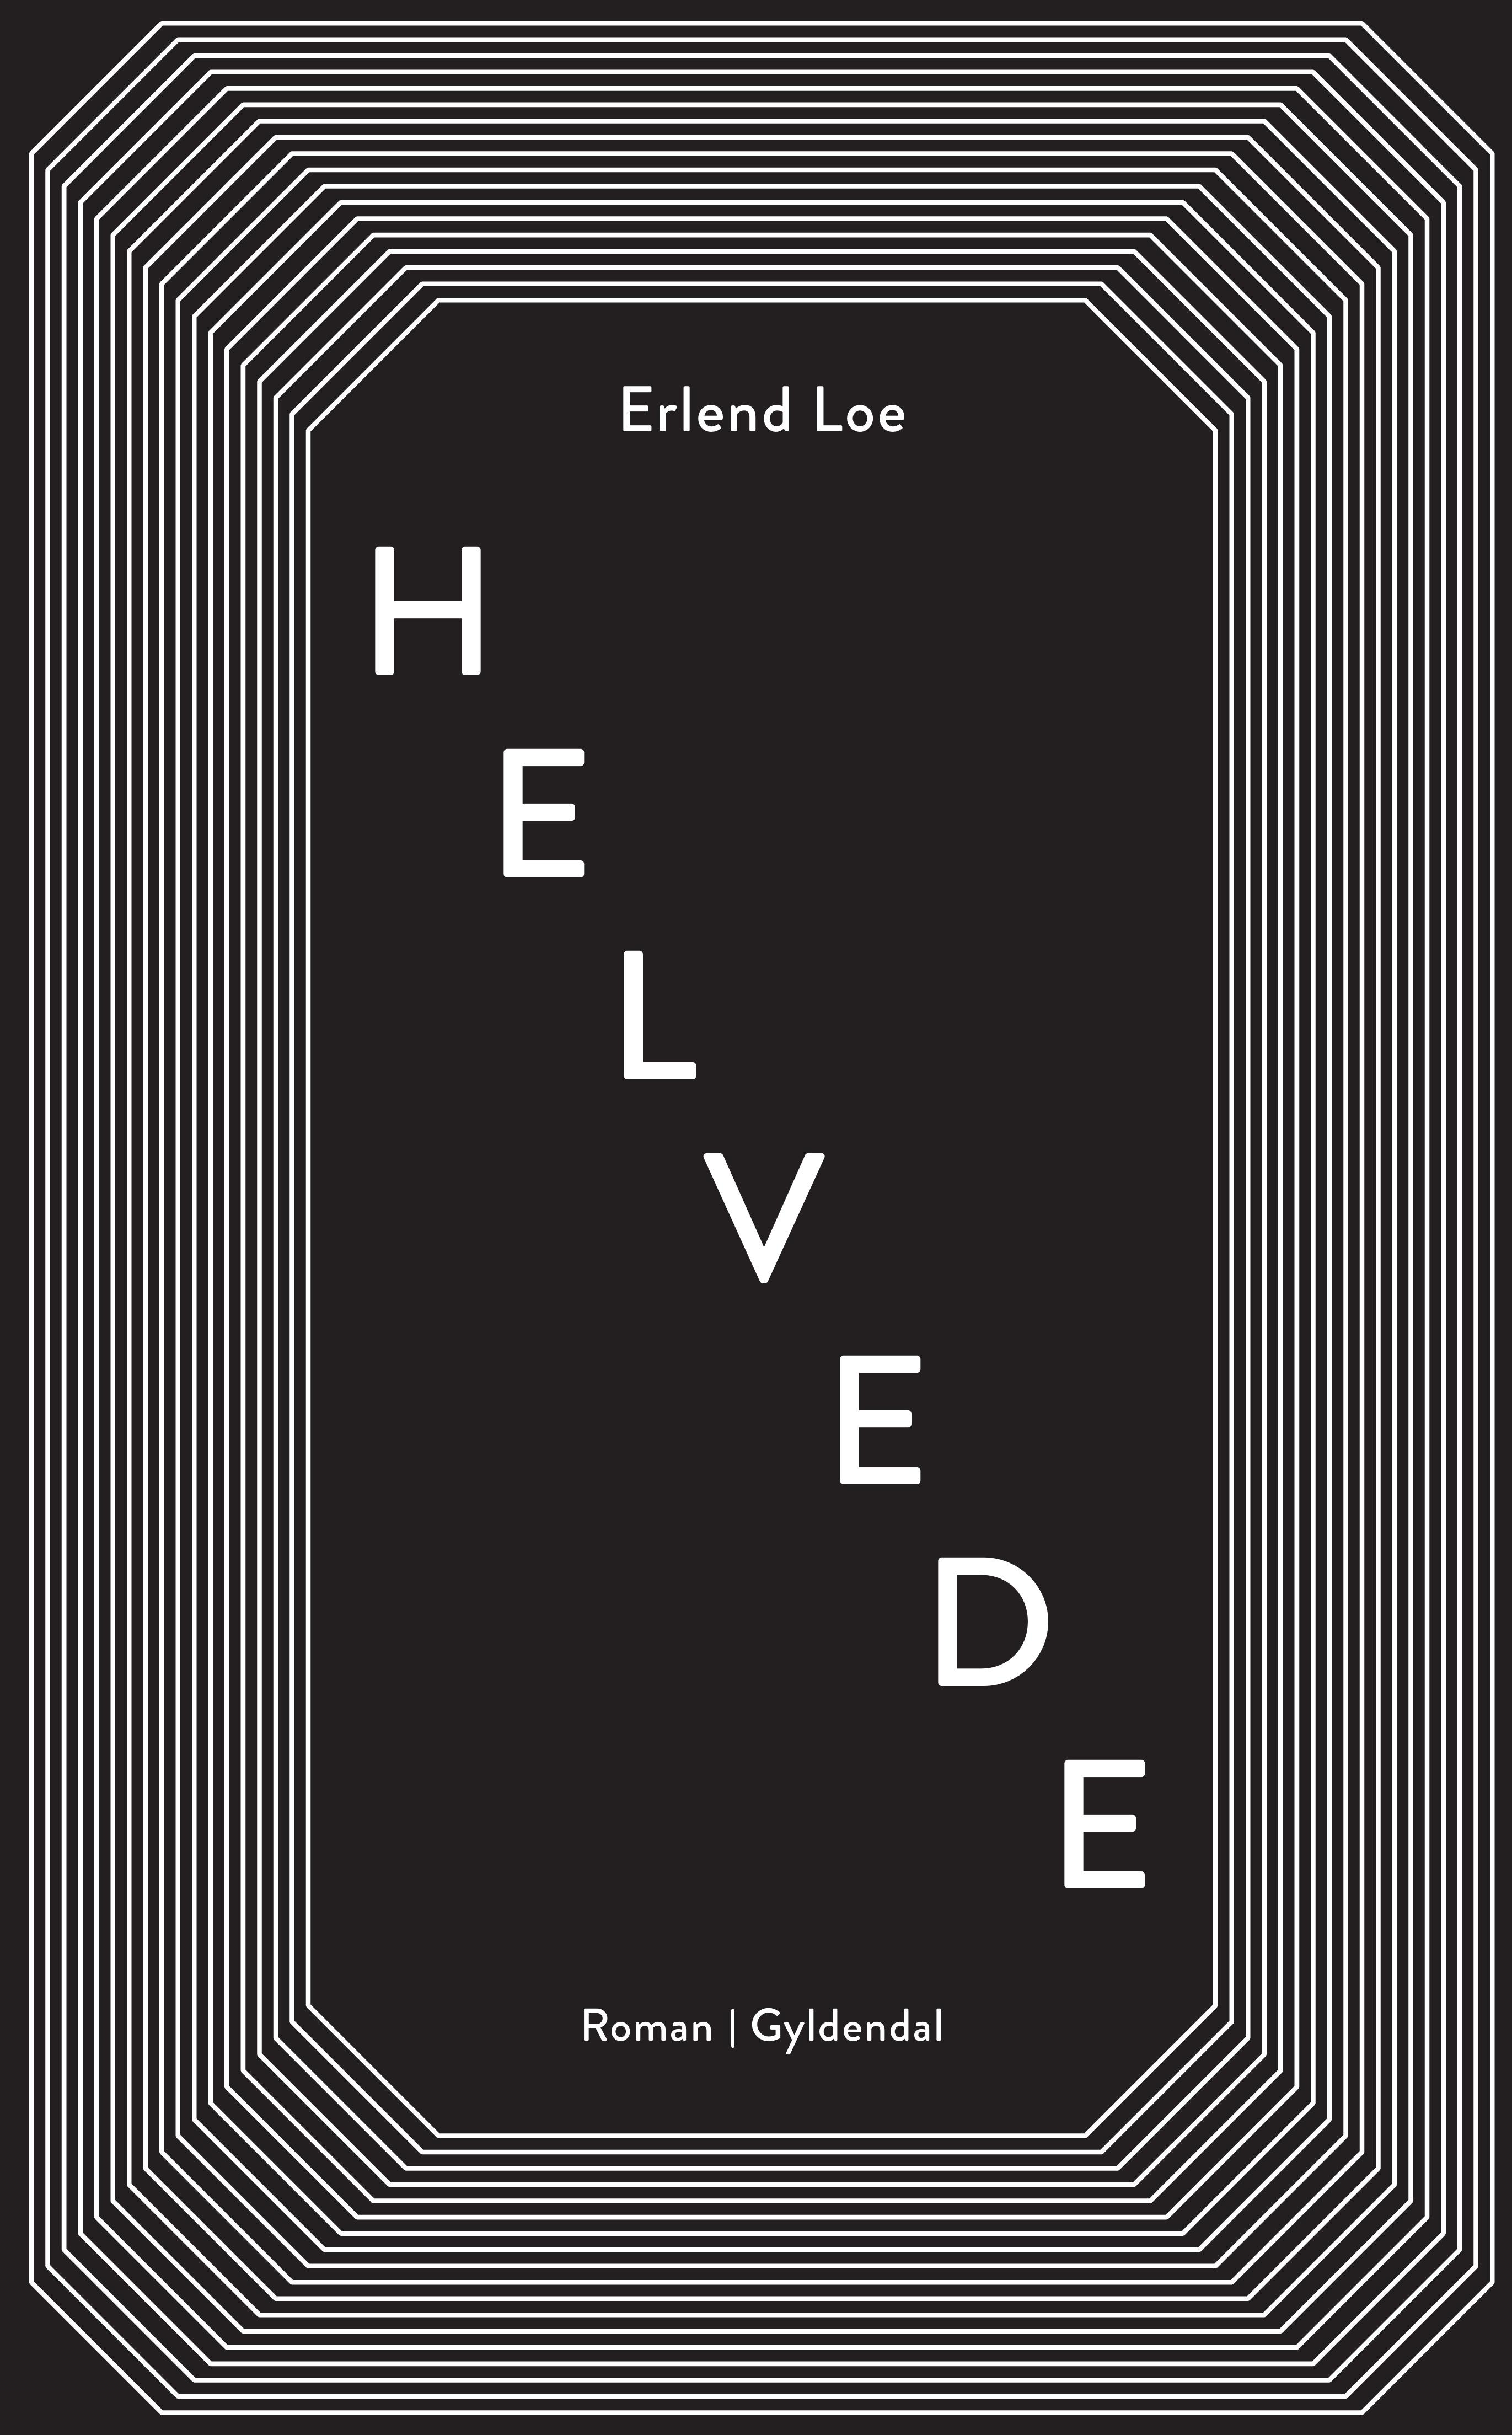 Helvede - Erlend Loe - Bøger - Gyldendal - 9788702297065 - March 26, 2020